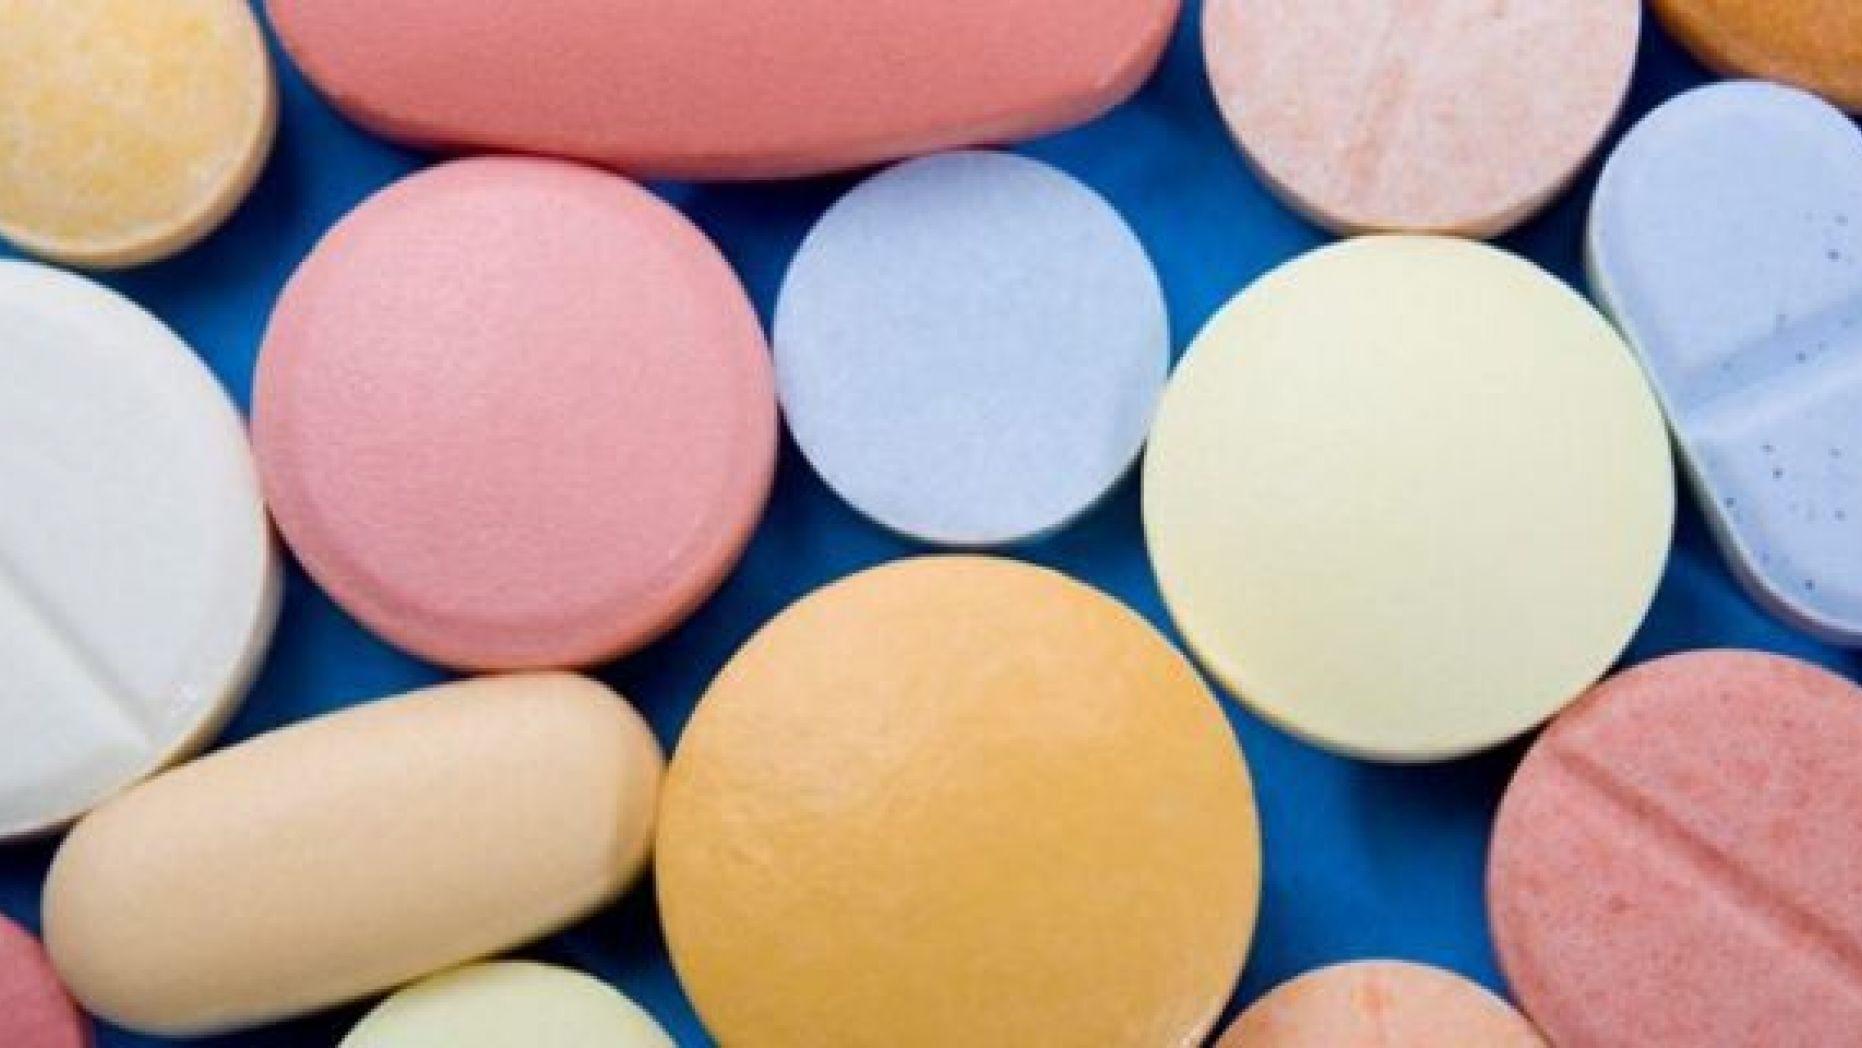 Diet & Weight Loss Pills